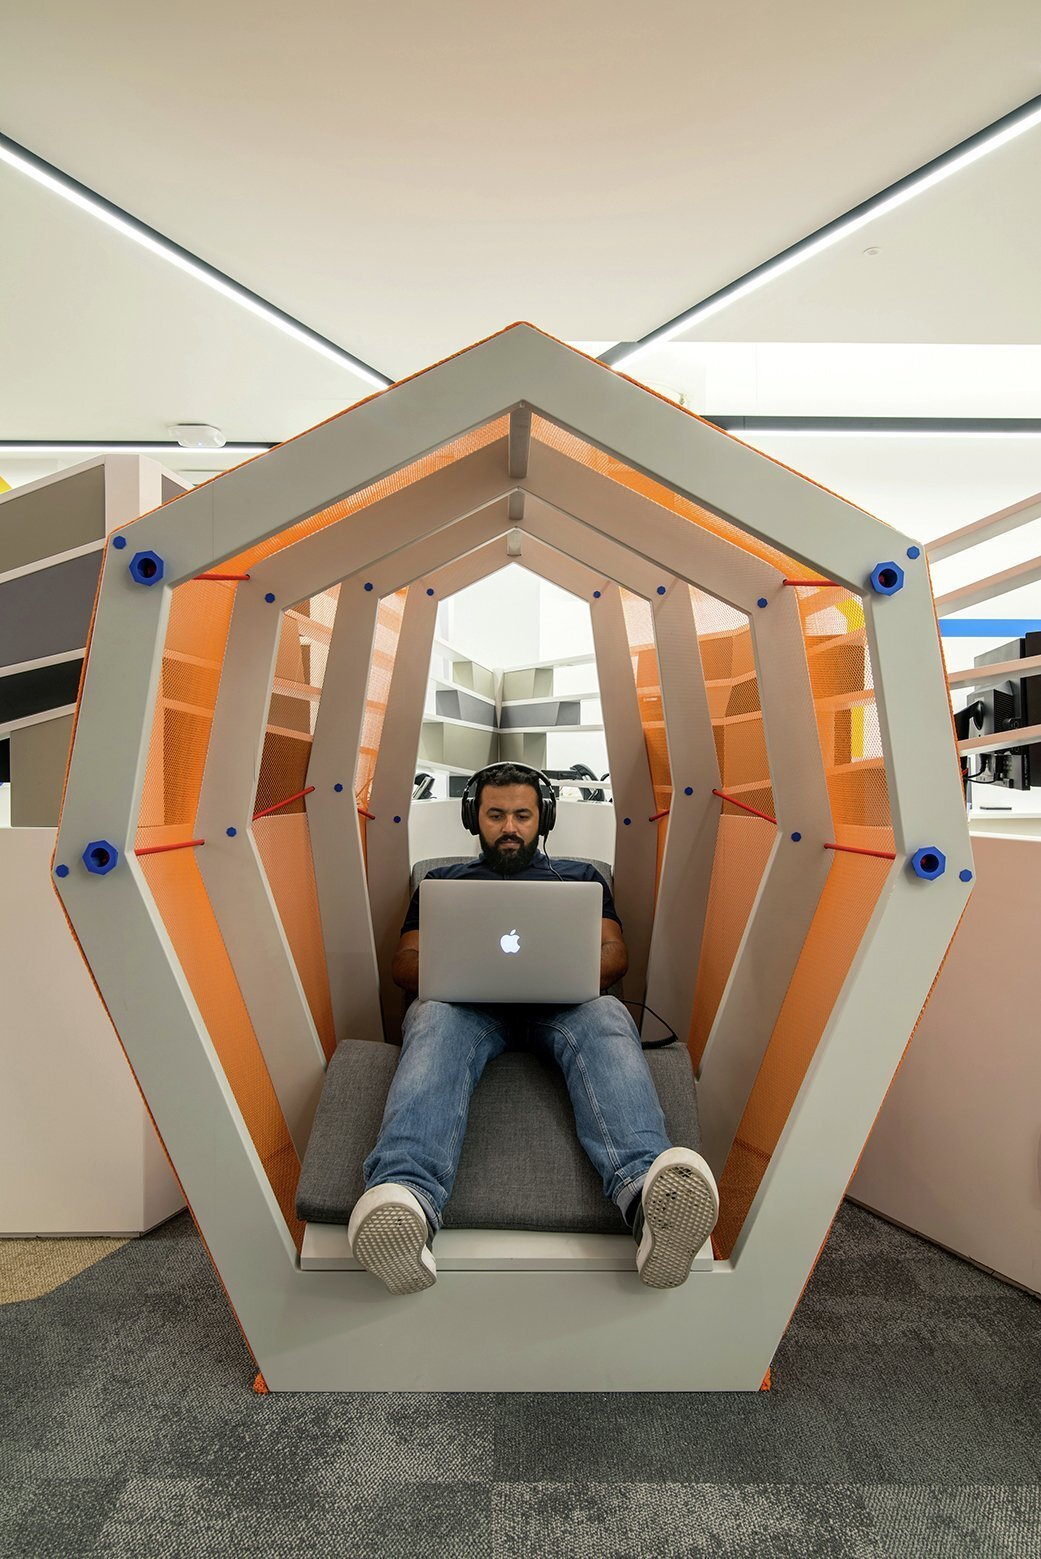 办公室装修设计财神像摆放在哪里最好